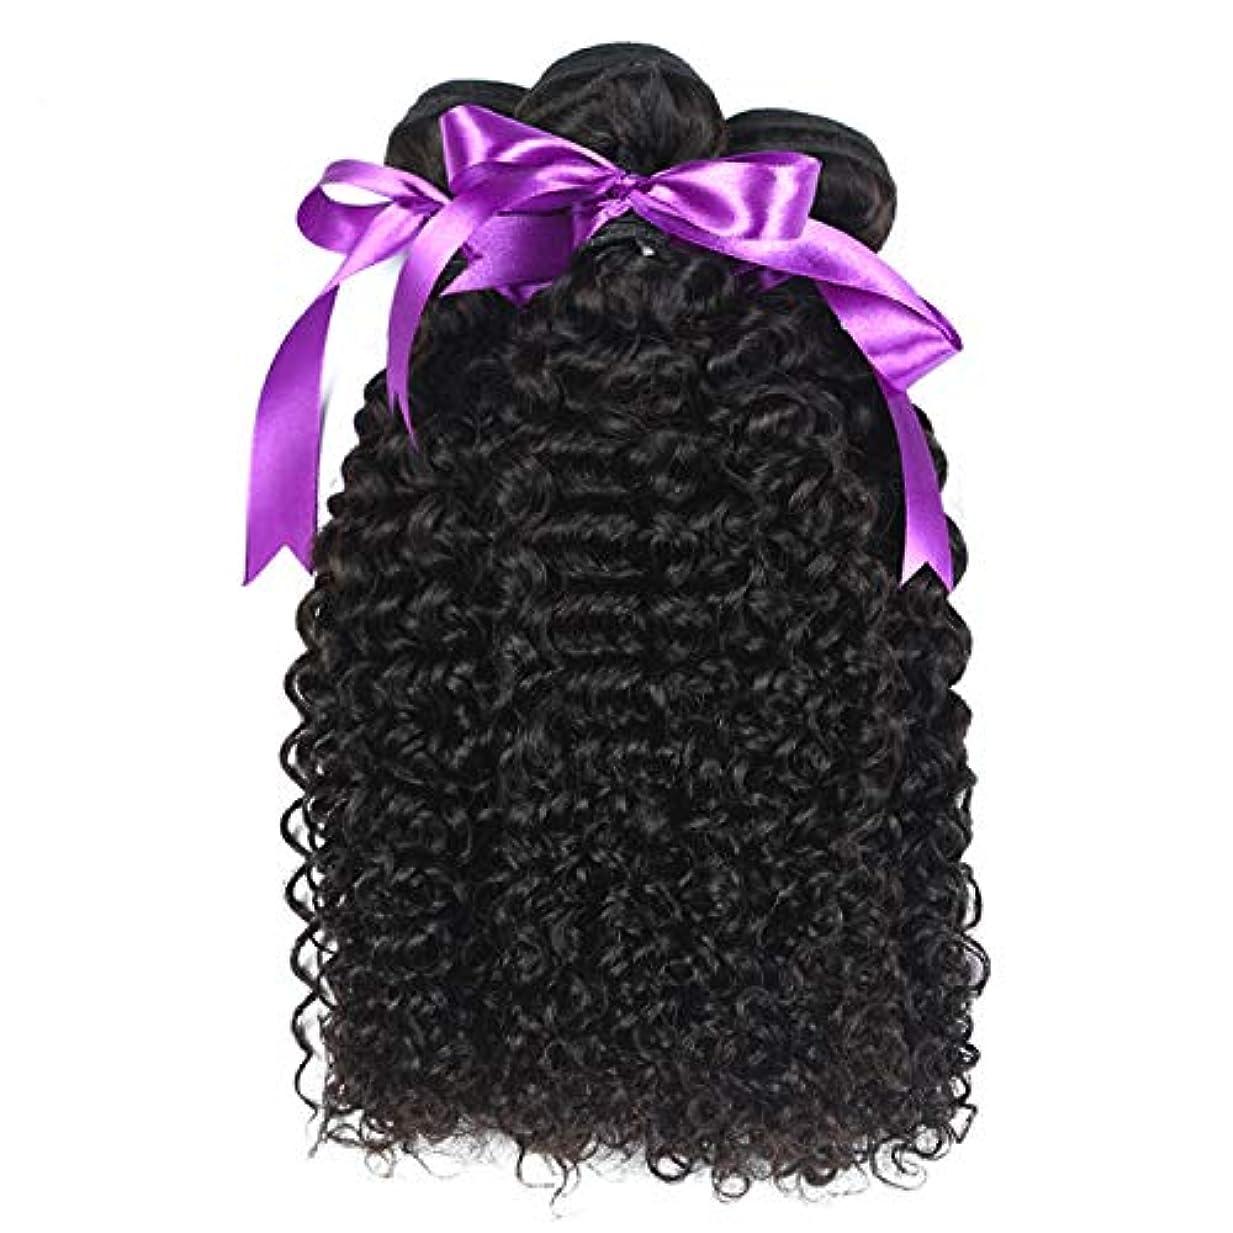 リード保有者自分のためにマレーシアの巻き毛の束8-28インチ100%の人間の毛髪は、Remyの毛のナチュラルカラー3個の巻き毛の束を織ります かつら (Stretched Length : 14 16 18)